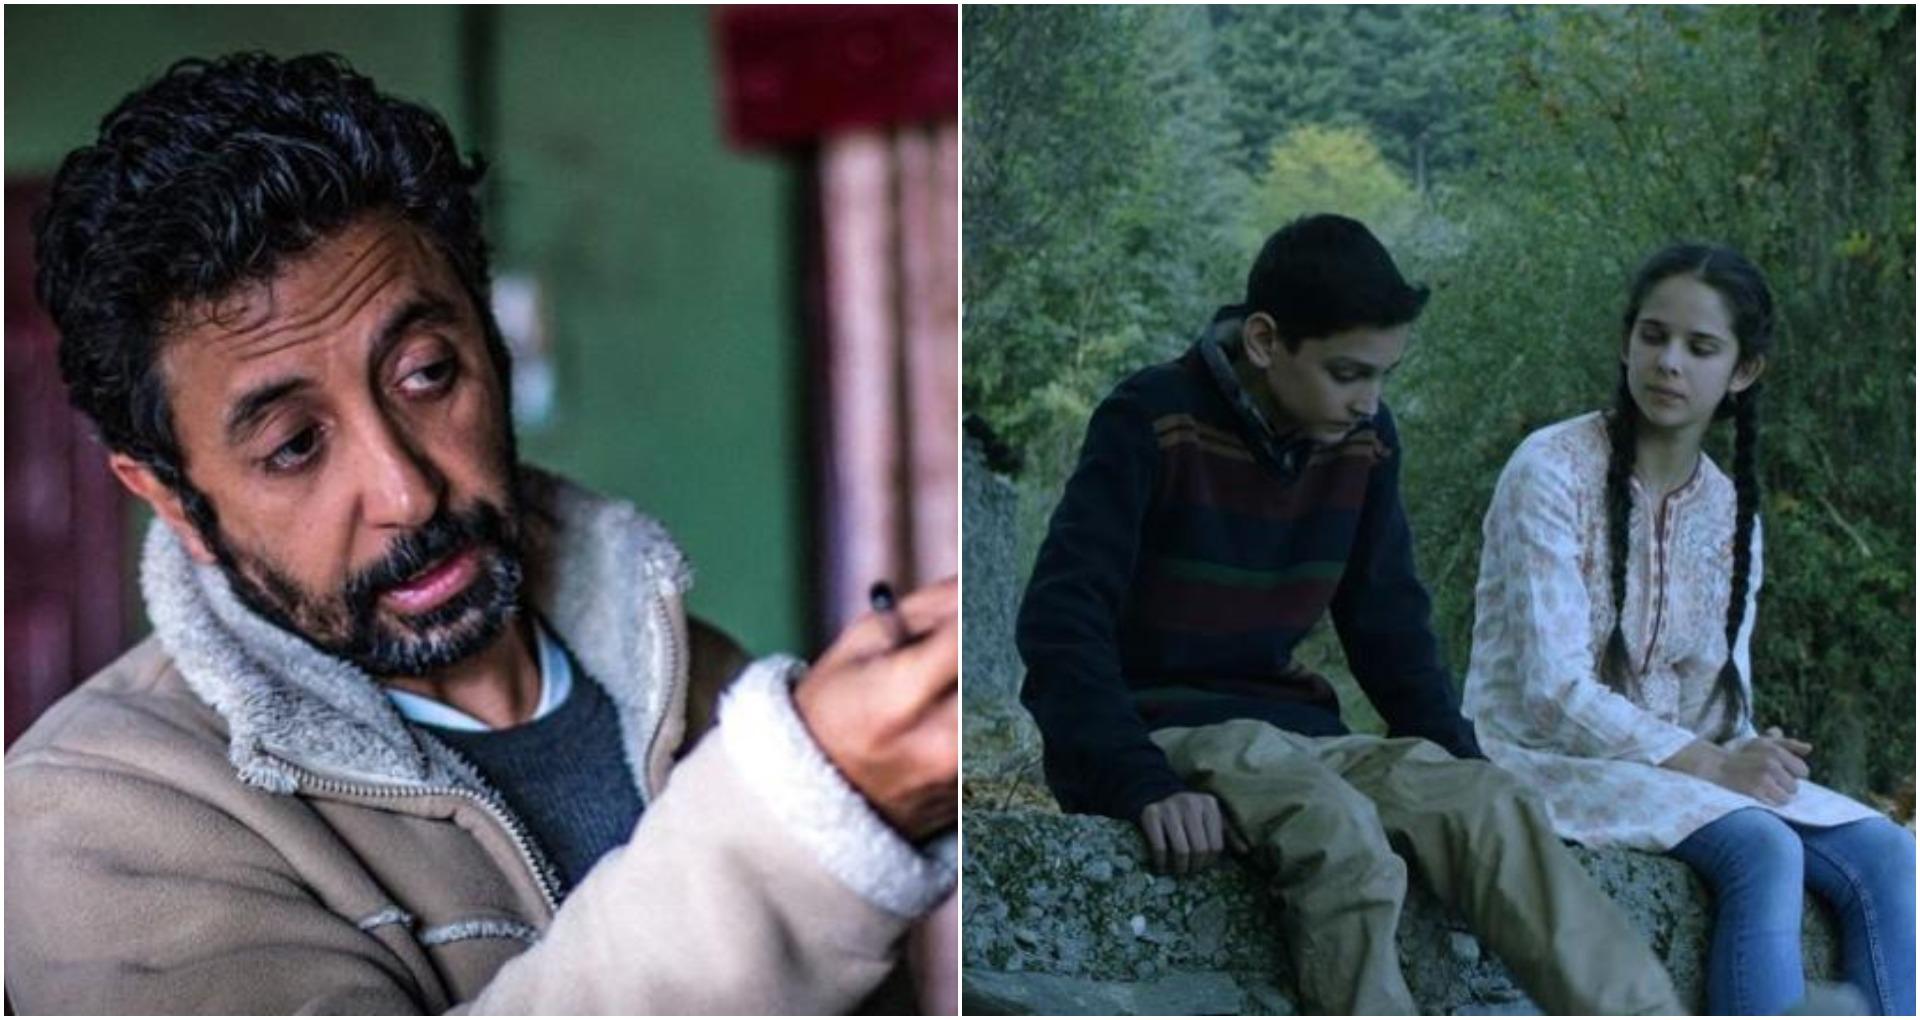 नो फादर्स इन कश्मीर मूवी रिव्यू: वादियों में घुटती जिंदगियों की कहानी बयां करती है अश्विन कुमार की ये फिल्म